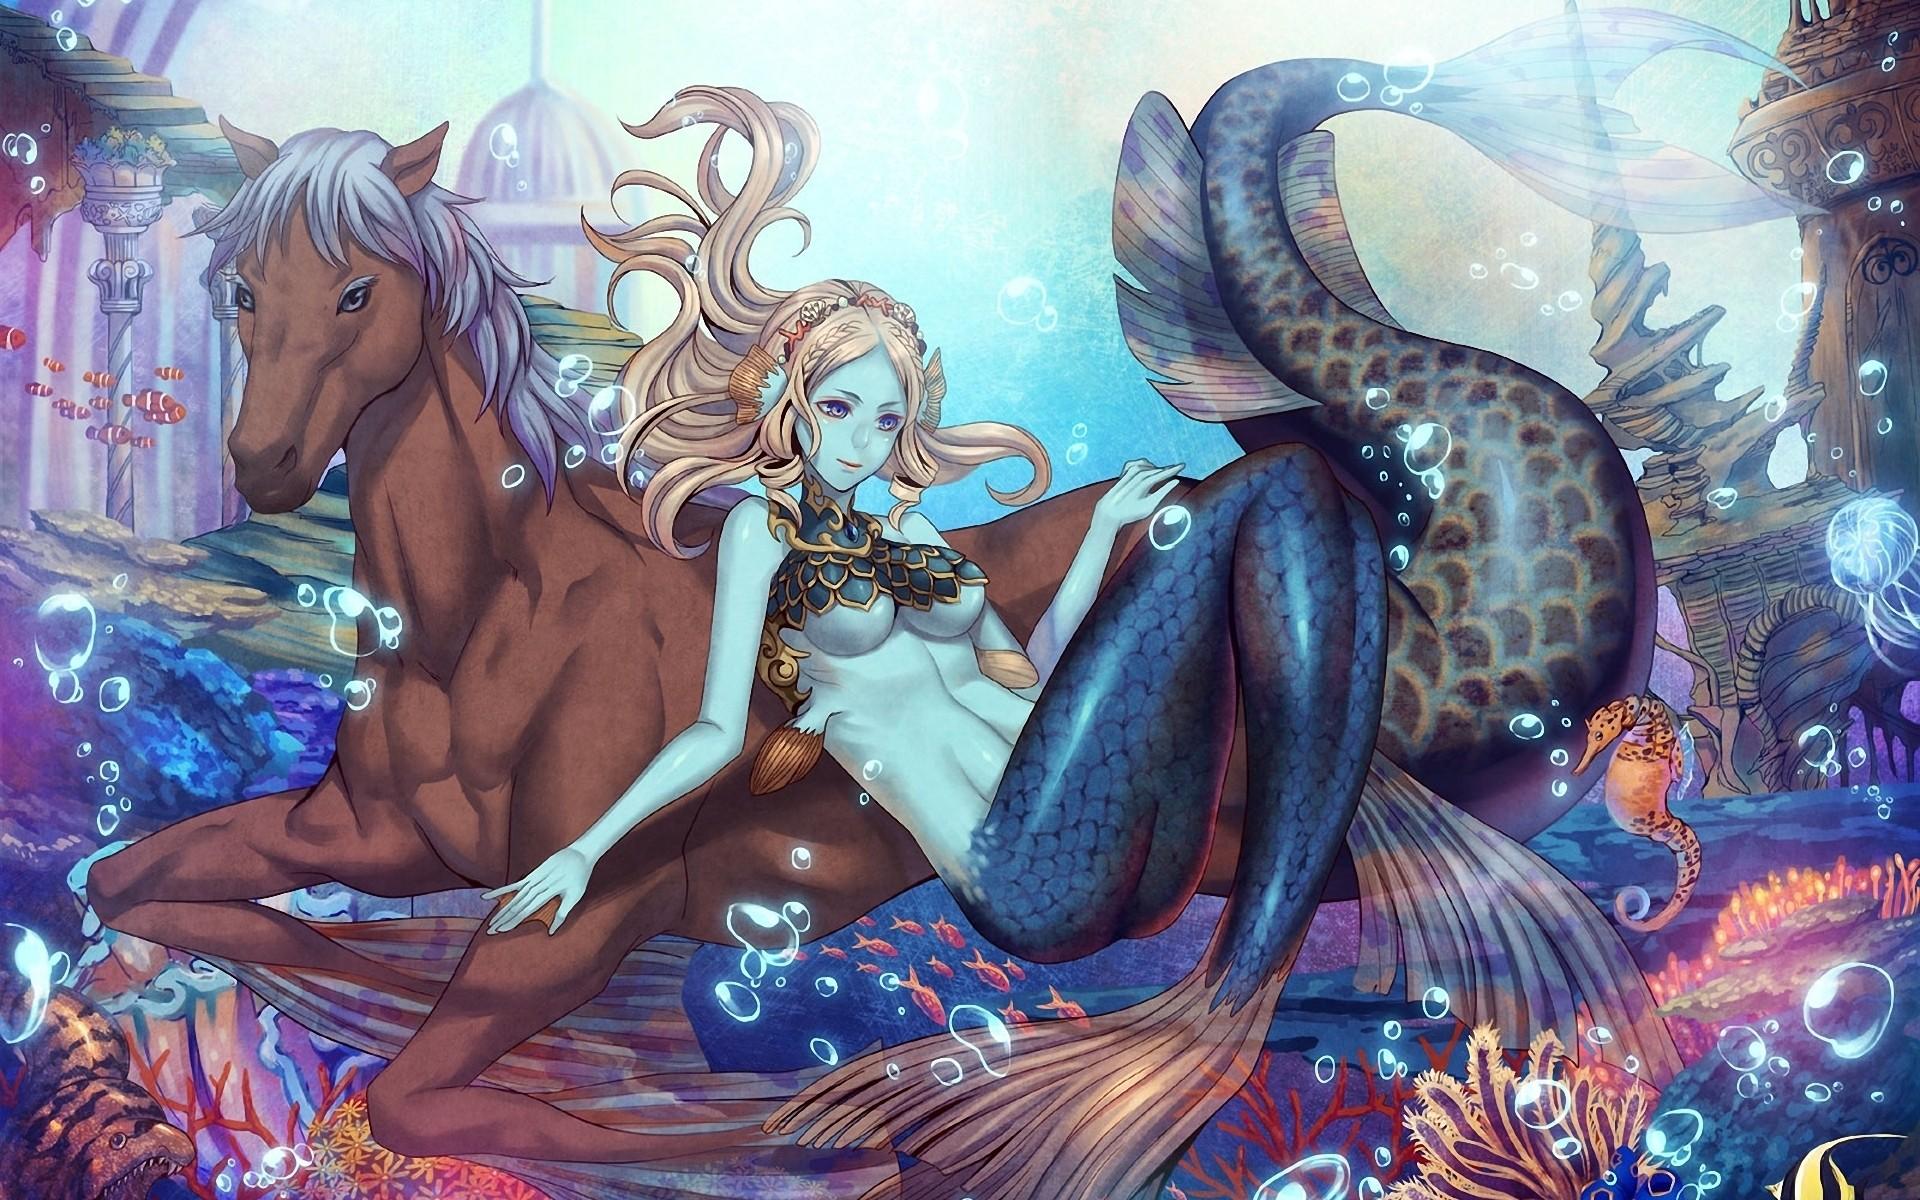 Mermaid Widescreen Wallpaper High Definition High